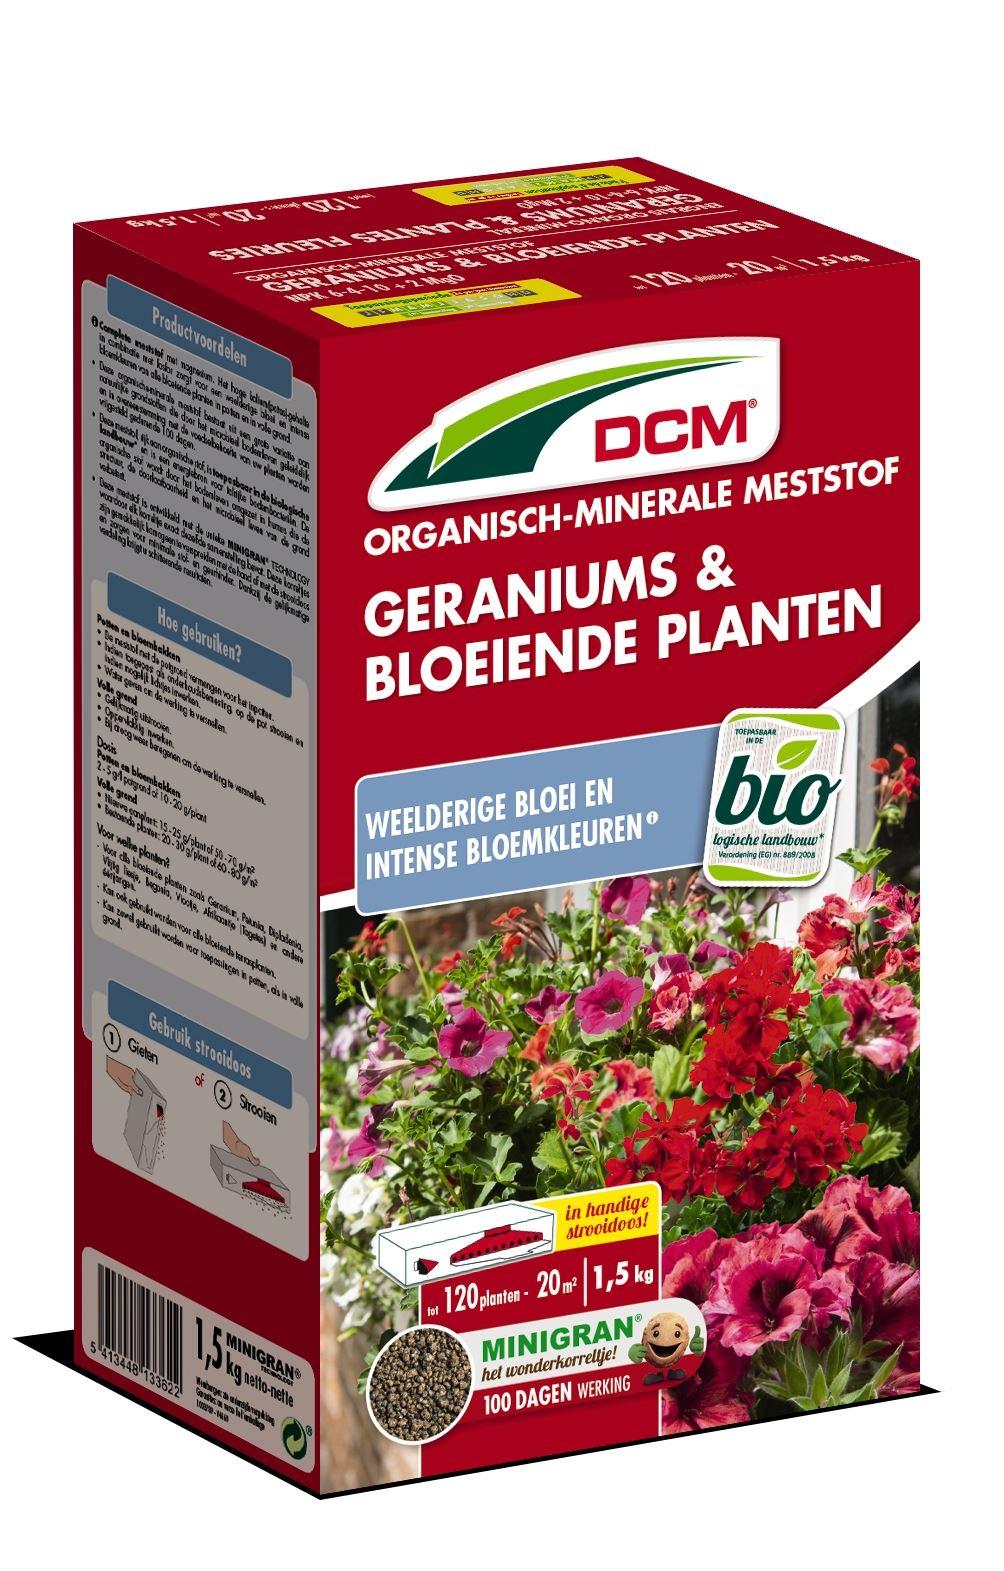 Meststof geraniums & bloeiende planten 1,5kg - Bio